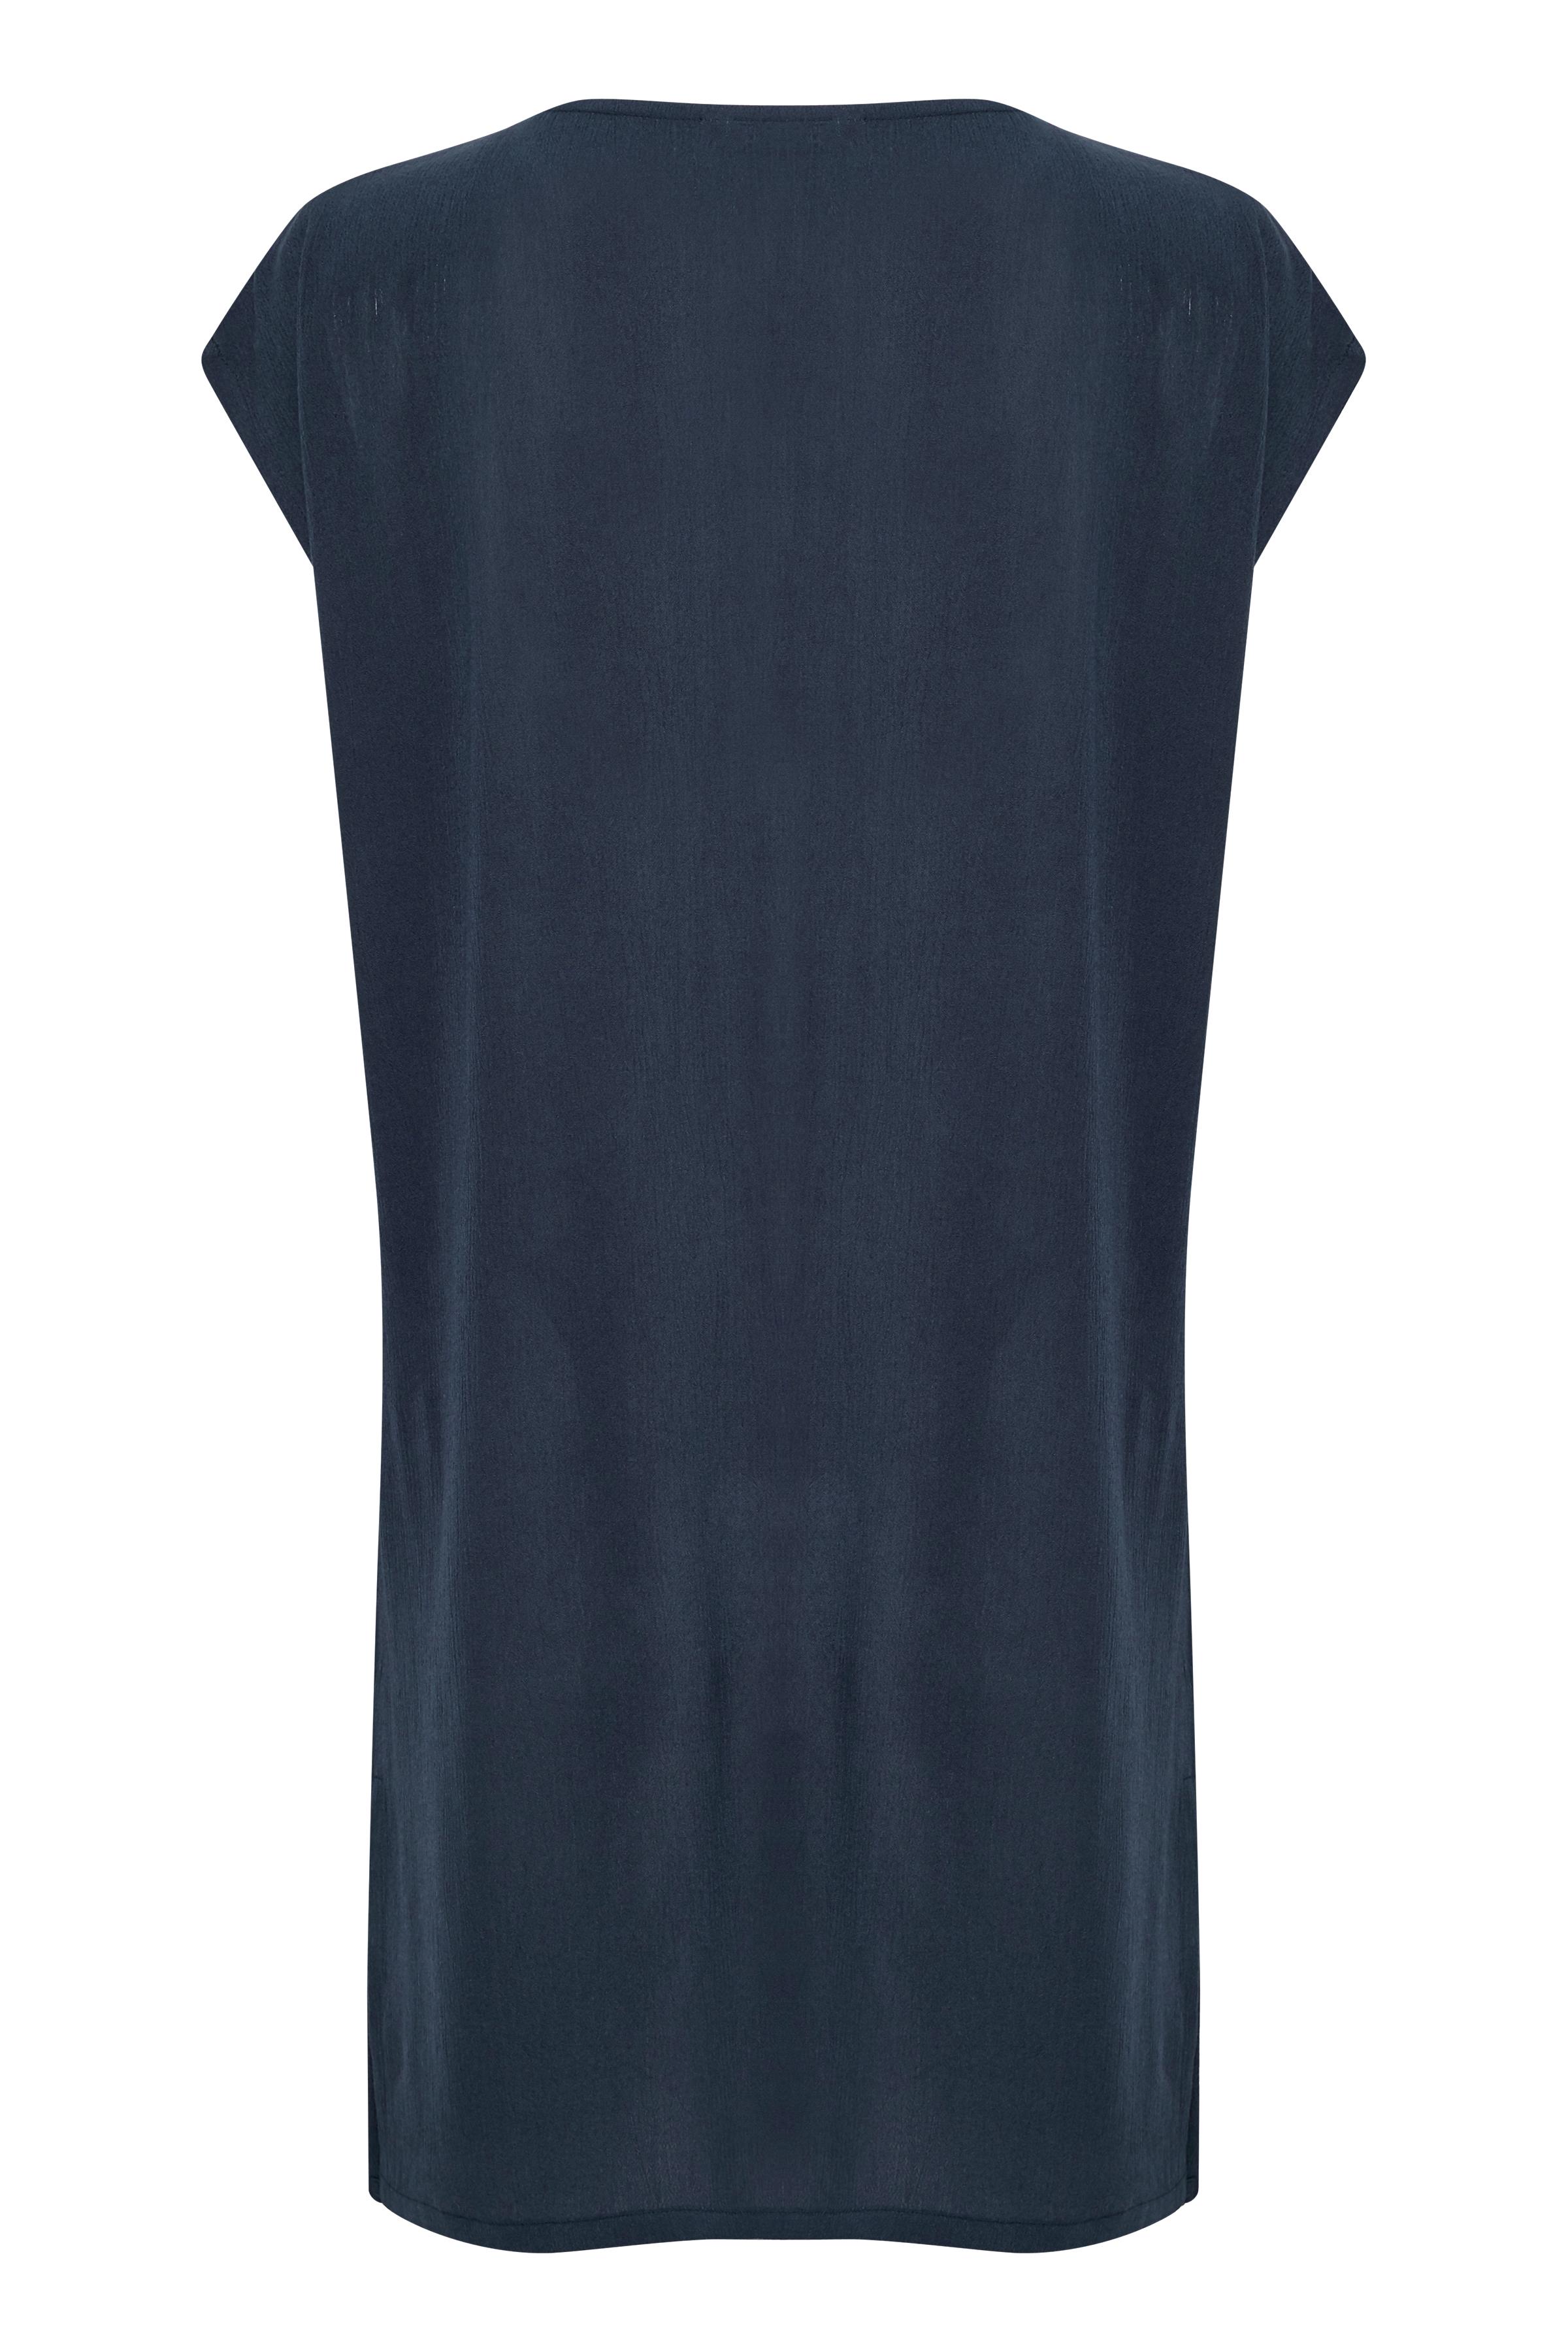 Mørkeblå Kjole fra Bon'A Parte – Køb Mørkeblå Kjole fra str. S-2XL her